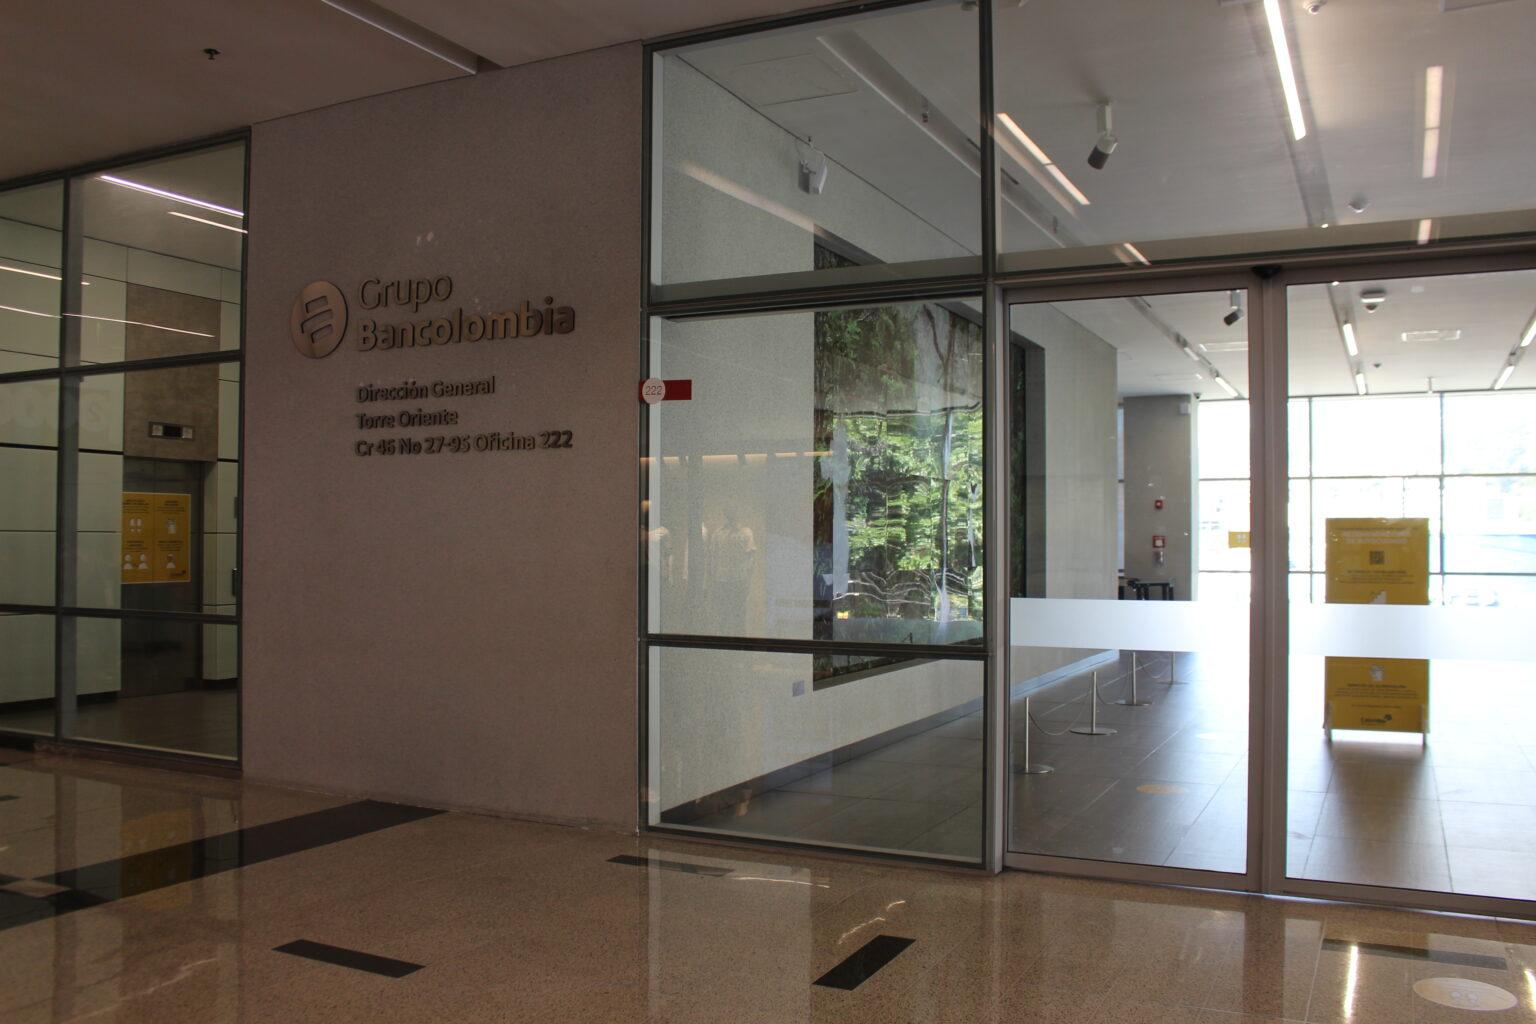 Bancolombia Torre Oriente Dirección General